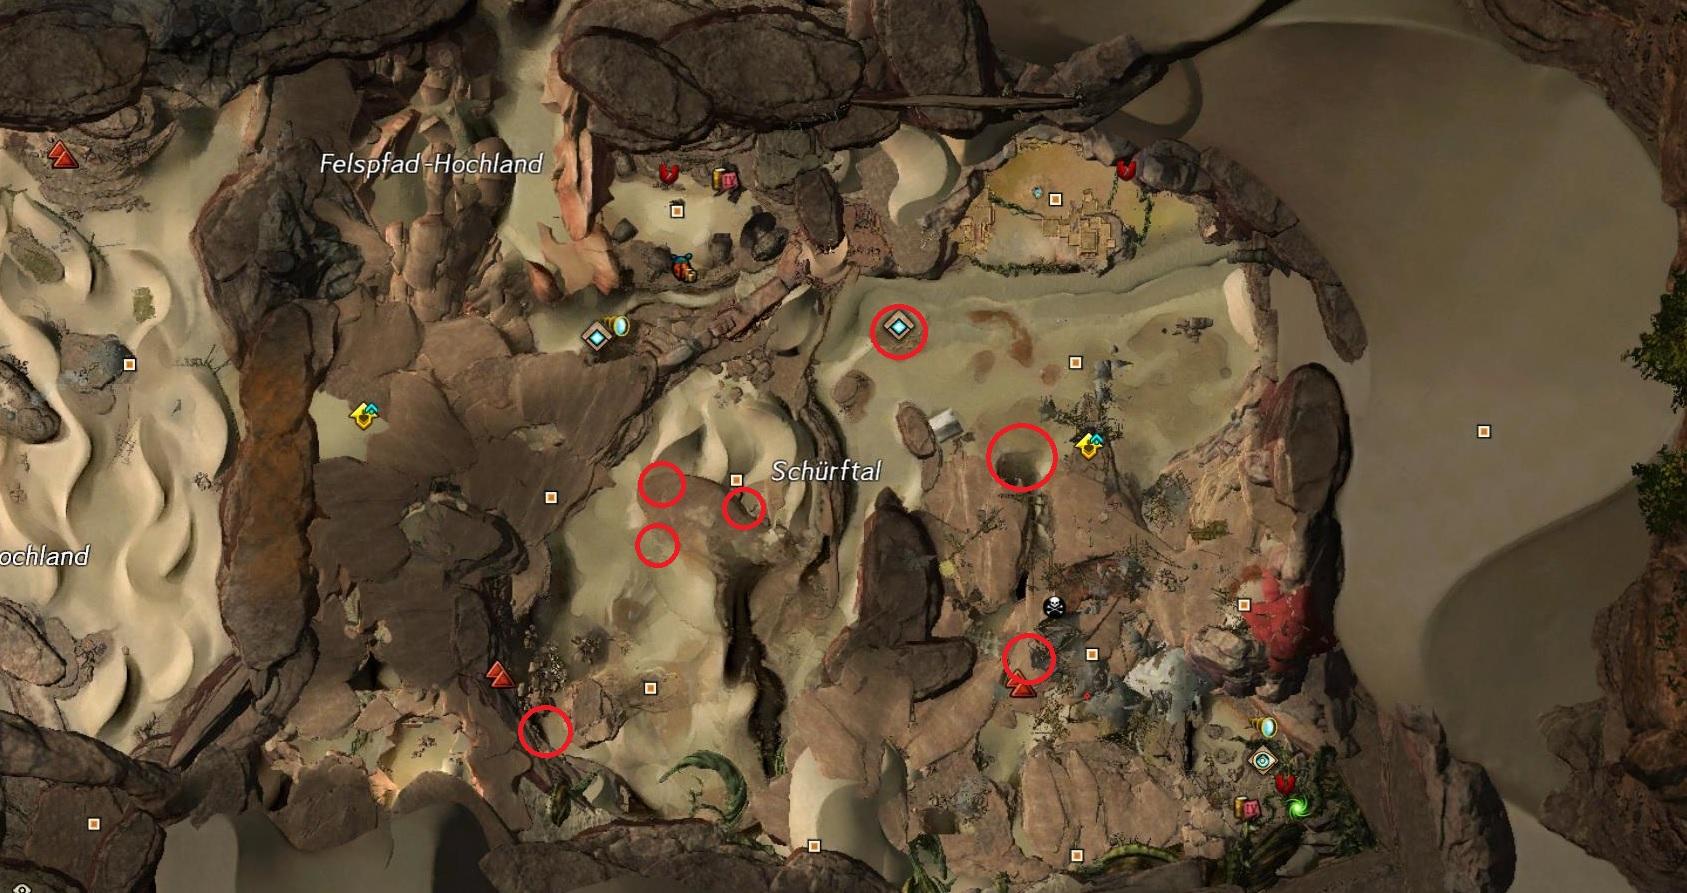 Die Suche nach vergrabenen Schätzen Schürftal